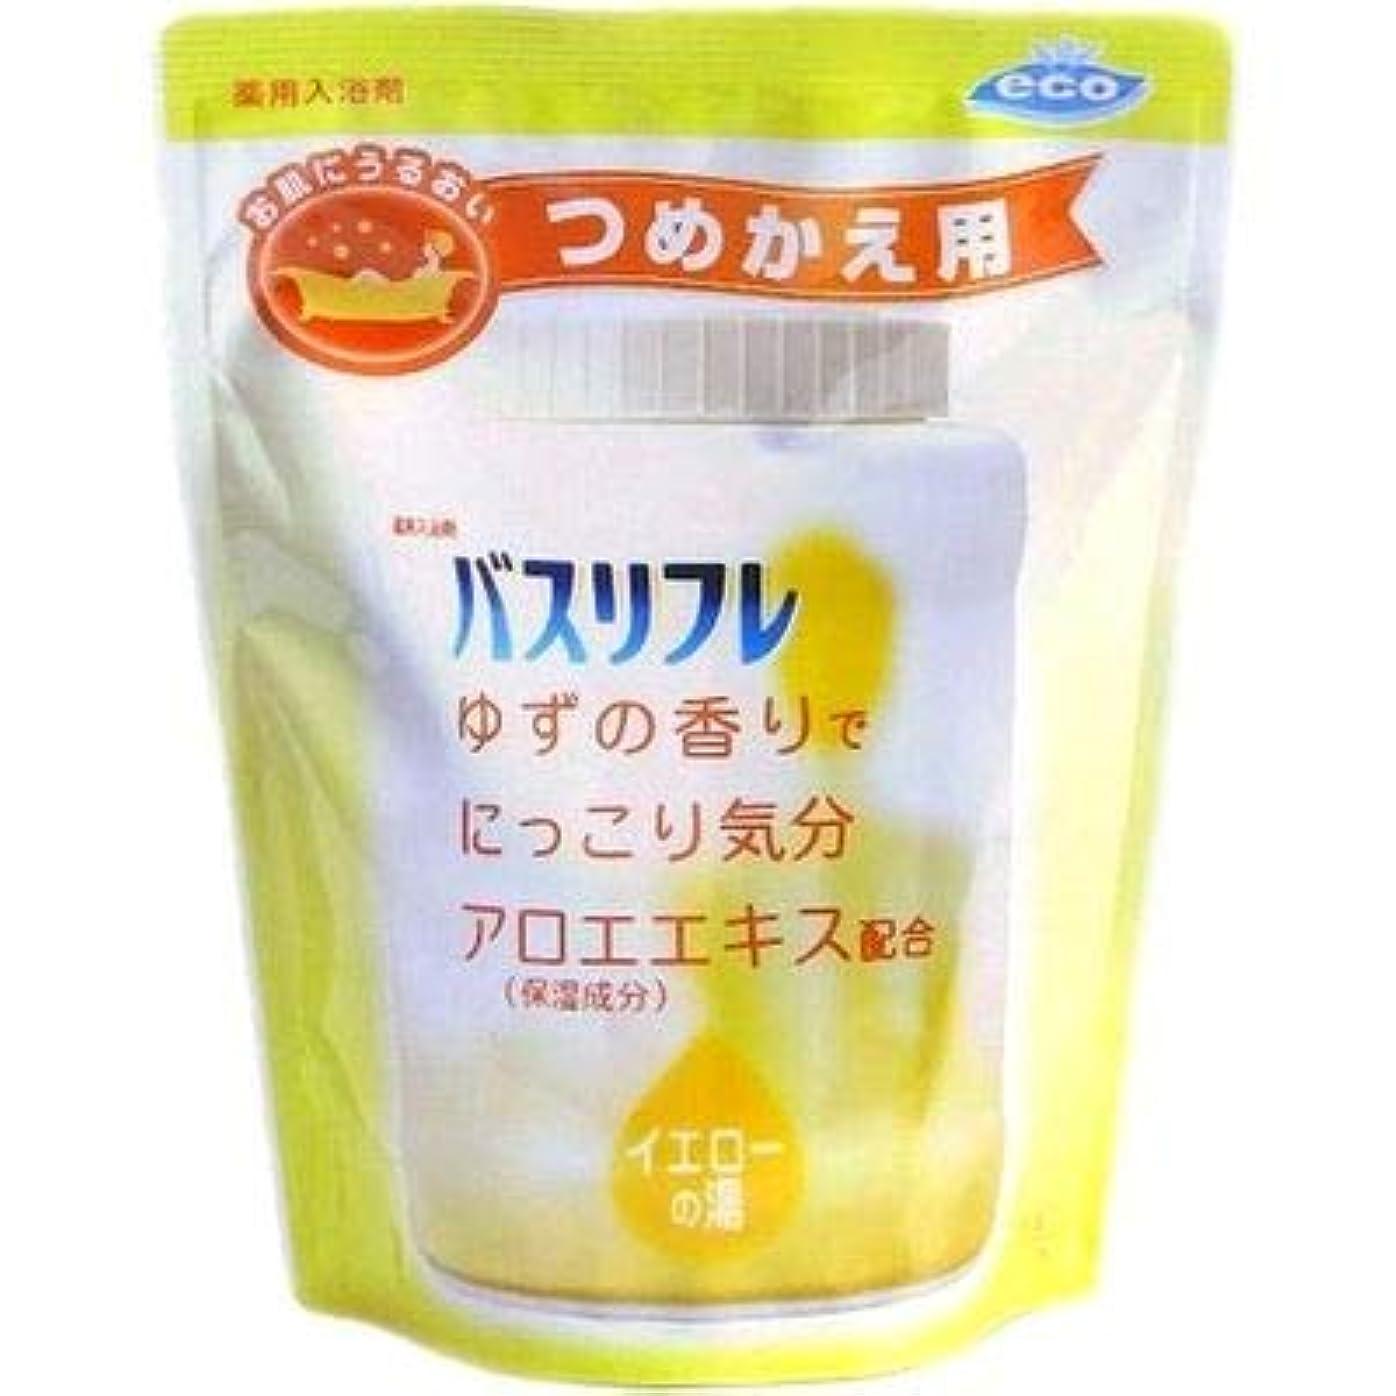 定義する許容できる秀でるライオンケミカル バスリフレ 薬用入浴剤 ゆずの香り つめかえ用 540g 4900480080102